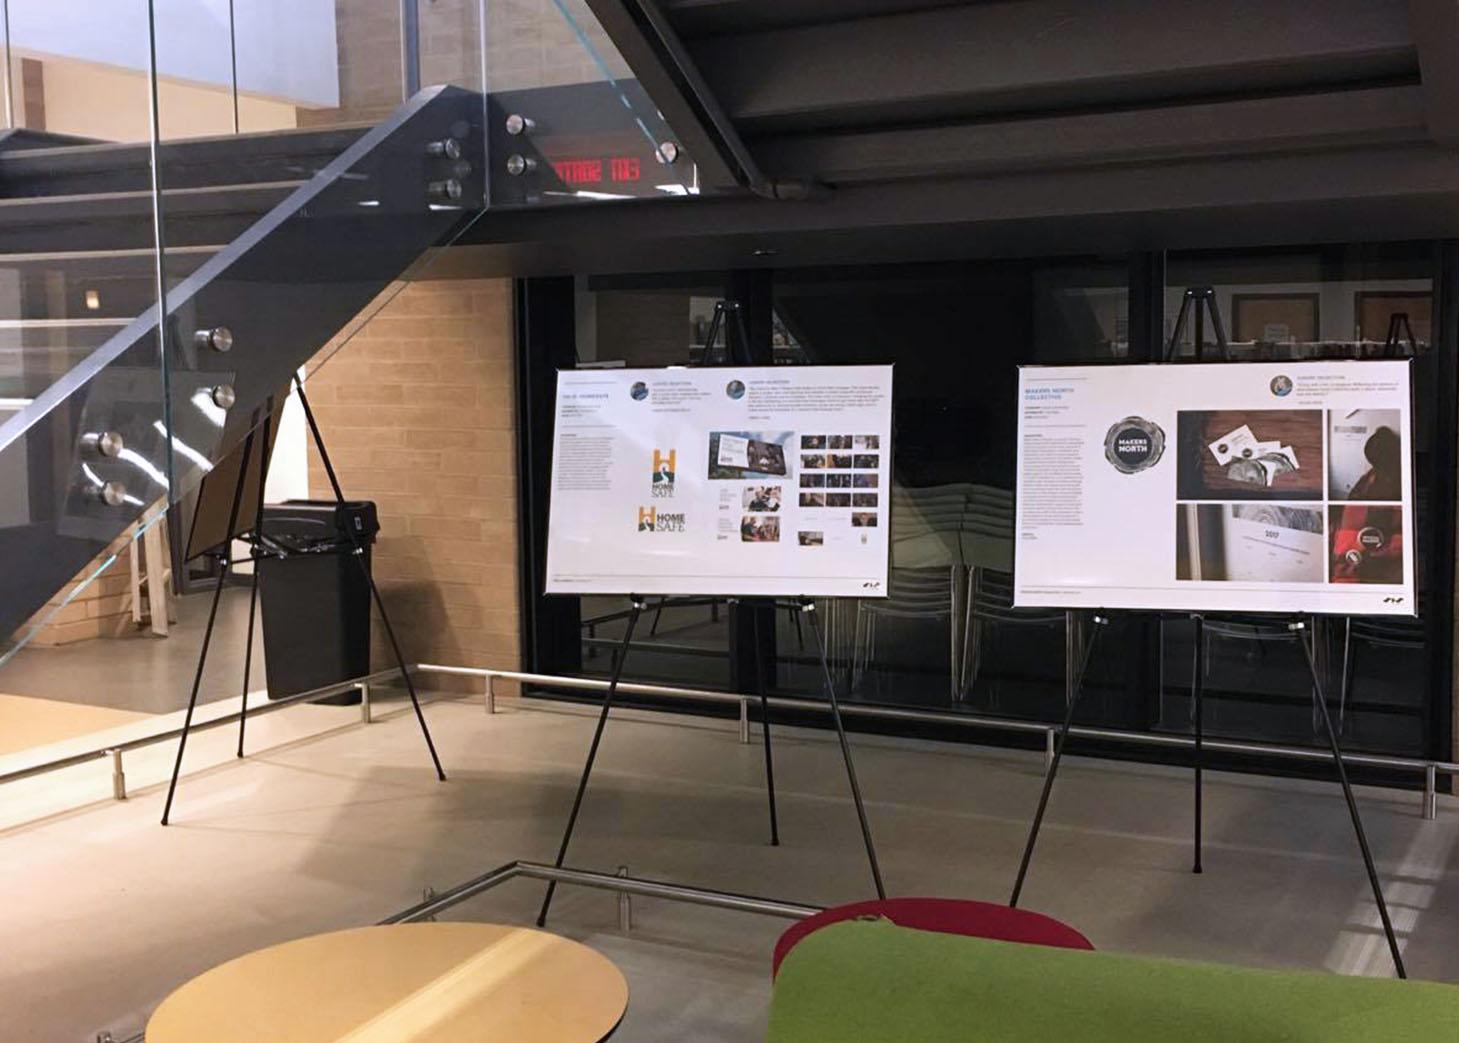 library-exhibit2.jpg